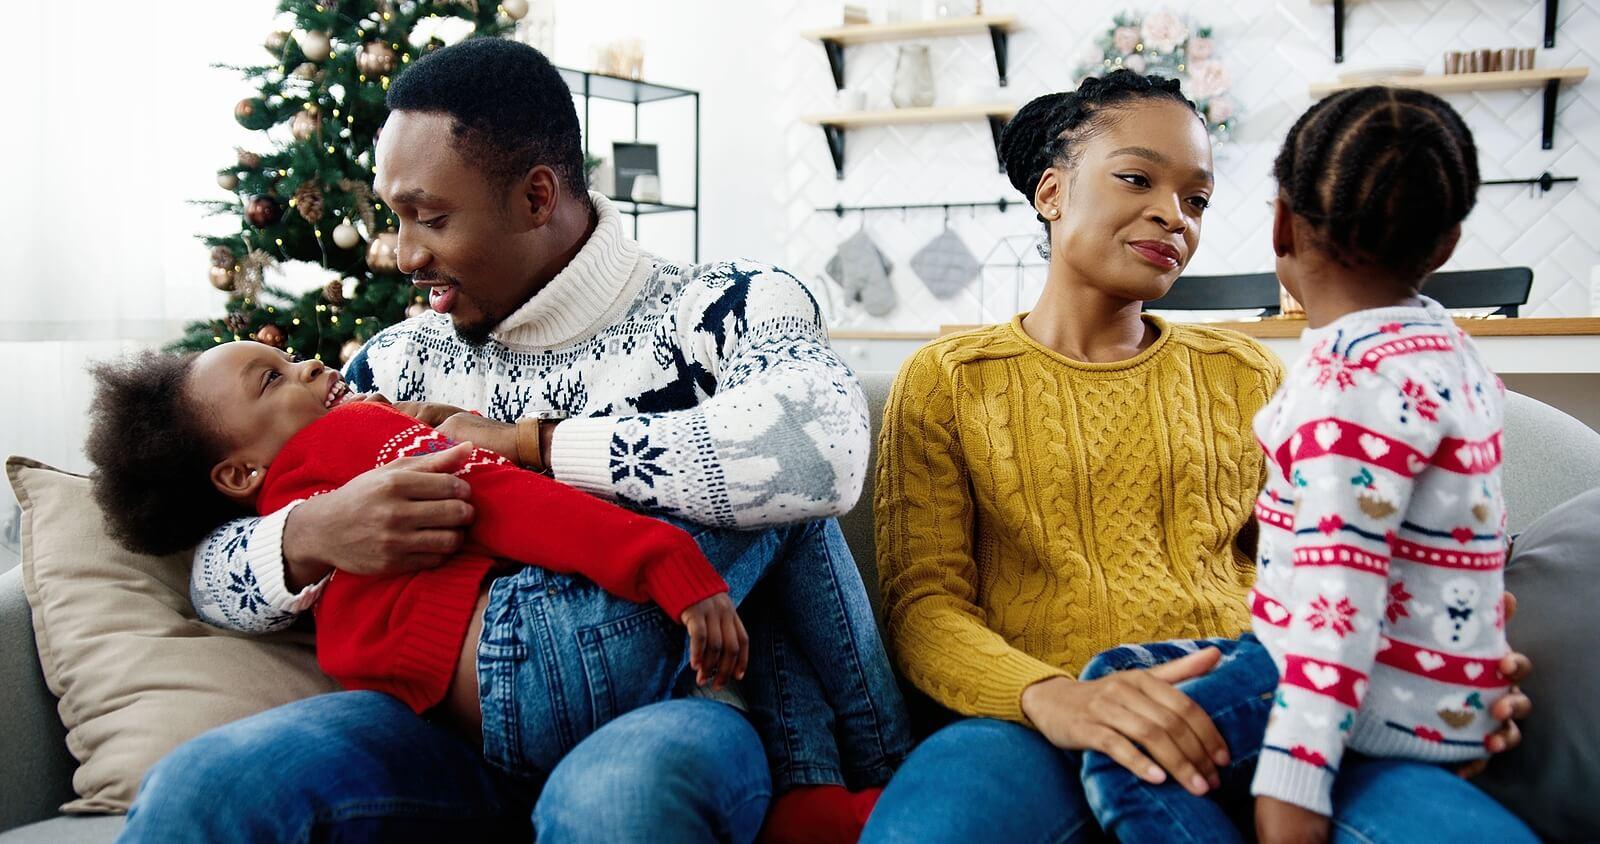 Padres llevando a cabo la comunicación asertiva en familia.